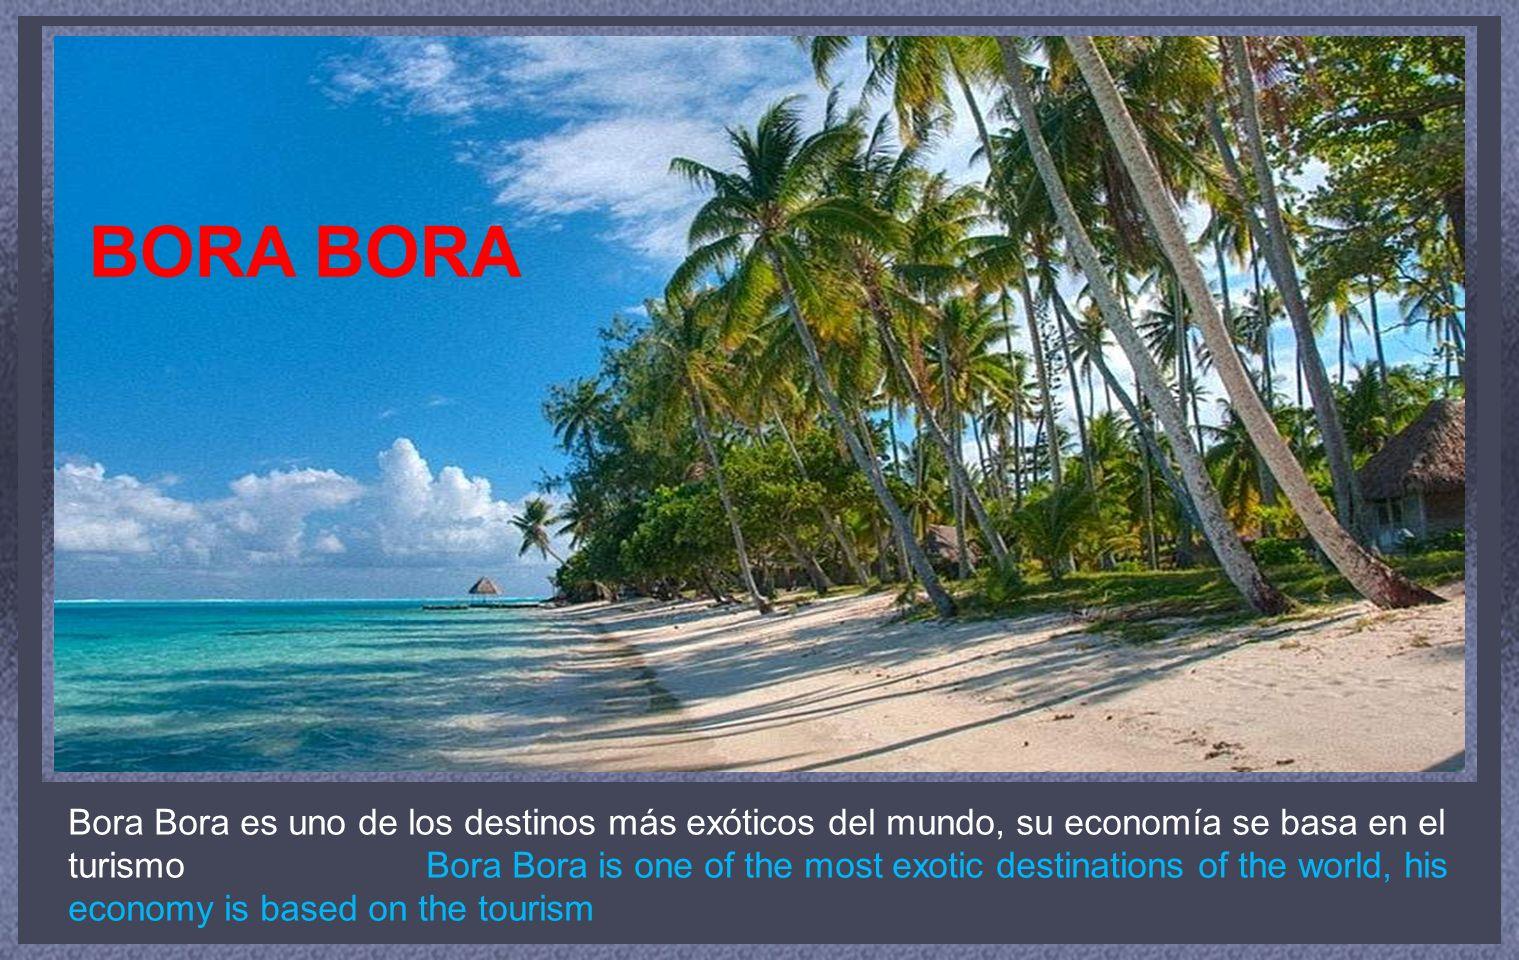 Bora Bora es uno de los destinos más exóticos del mundo, su economía se basa en el turismo Bora Bora is one of the most exotic destinations of the world, his economy is based on the tourism BORA